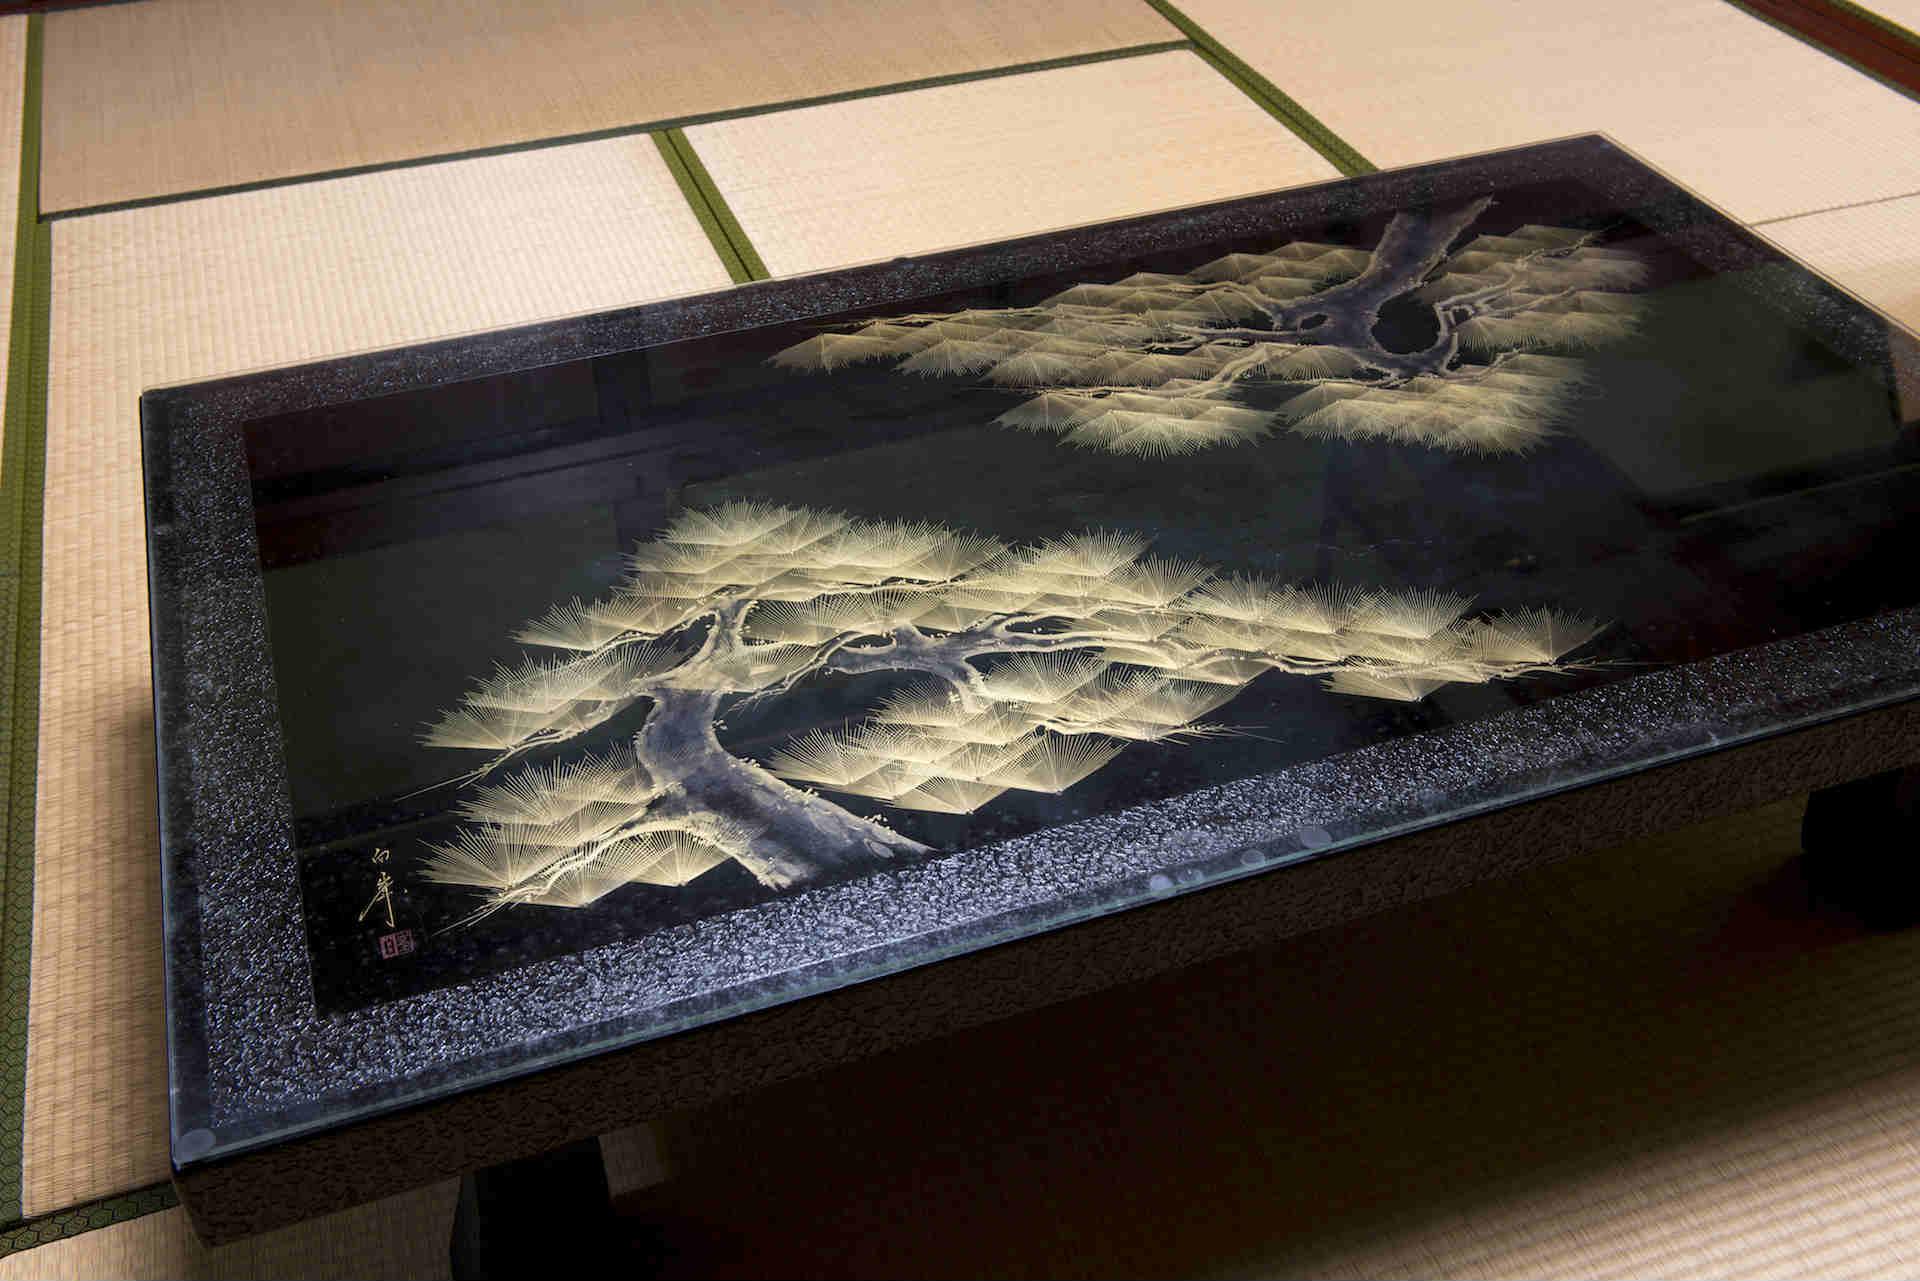 繊細な手仕事が光る座卓 (撮影:上田順子)